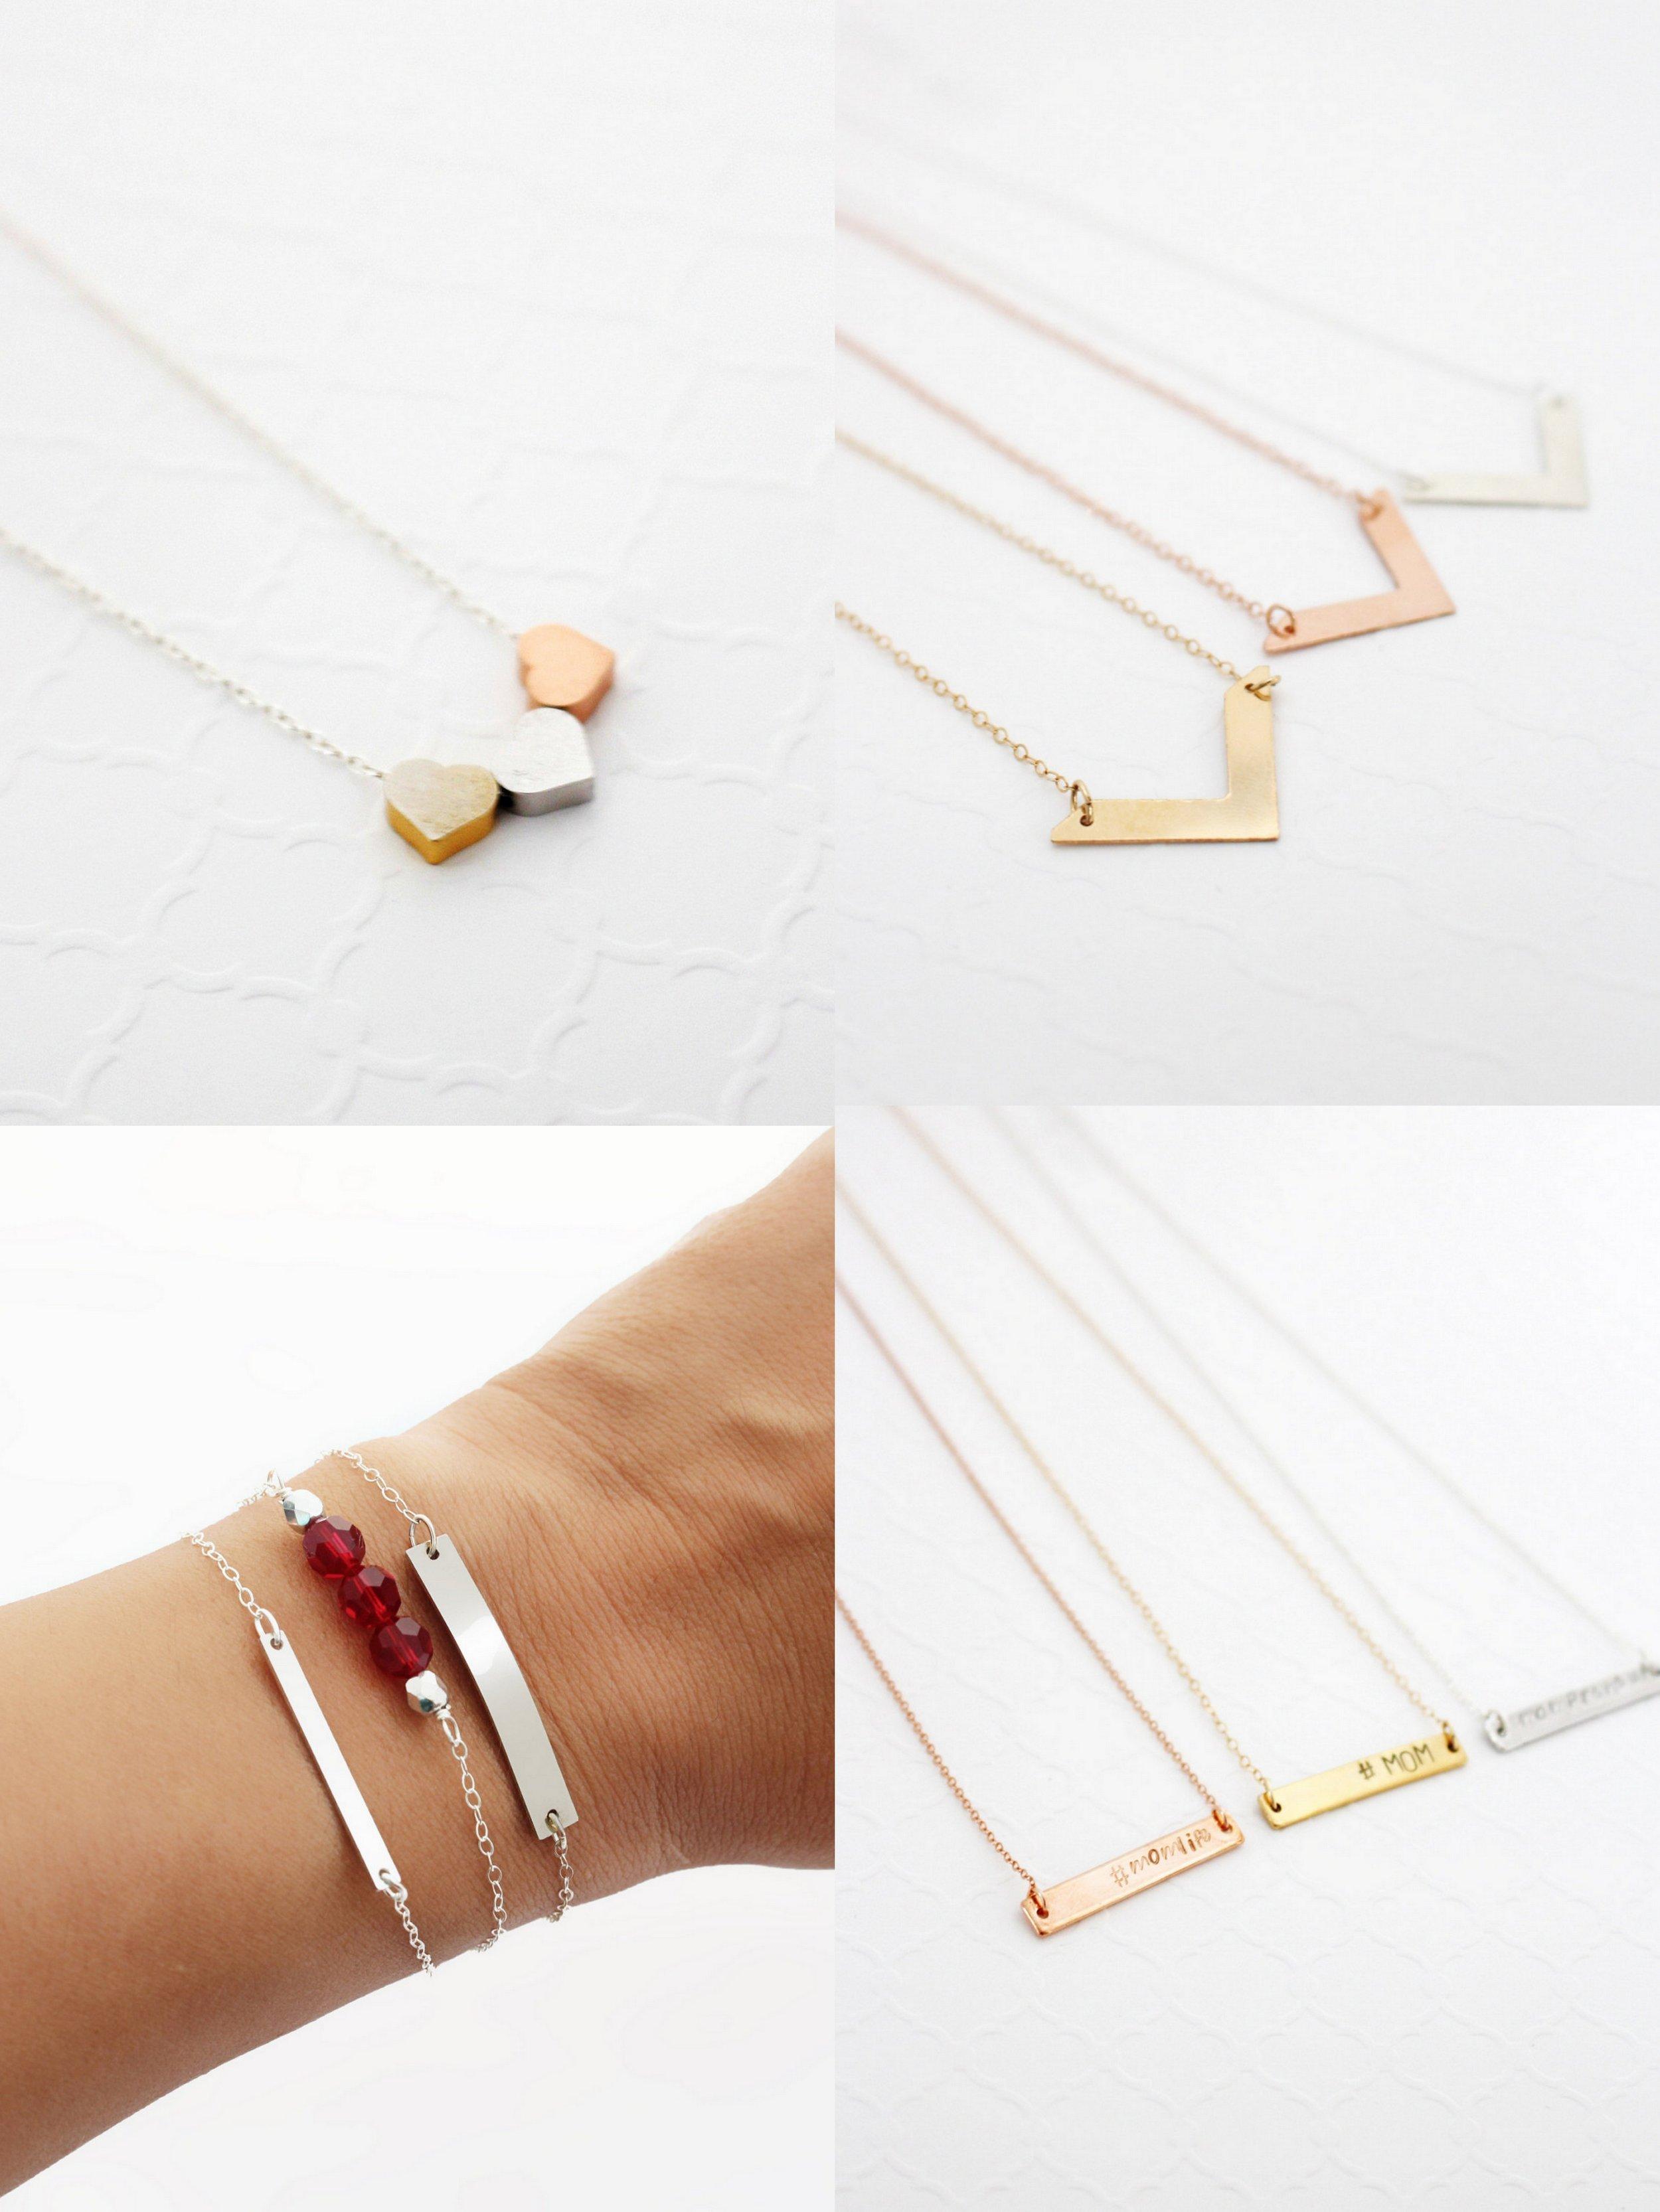 Dainty Jewelry - Trendy Jewelry